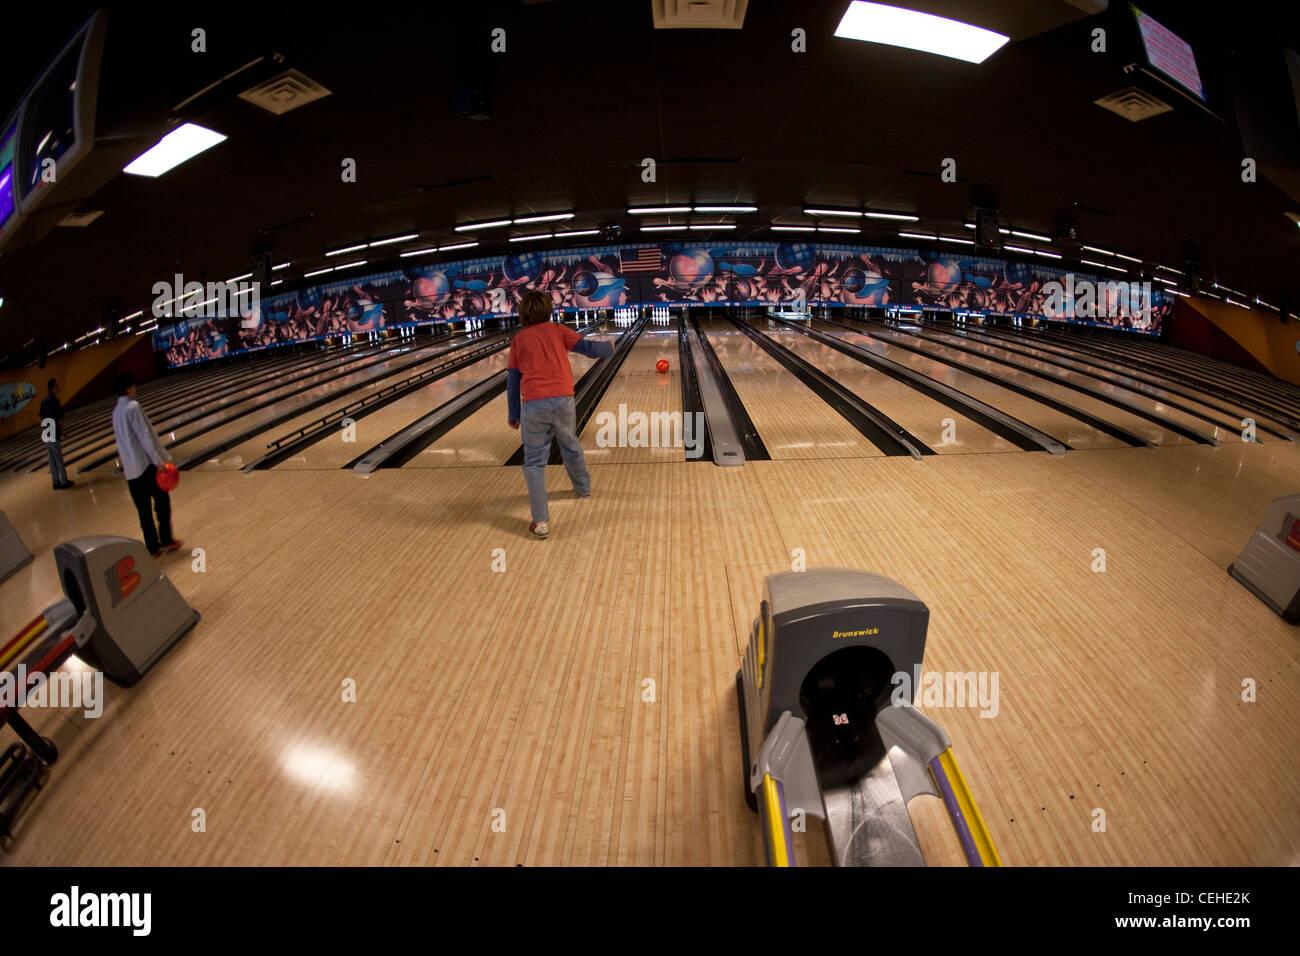 Gutter Ball Bowling Stock Photos & Gutter Ball Bowling Stock Images ...